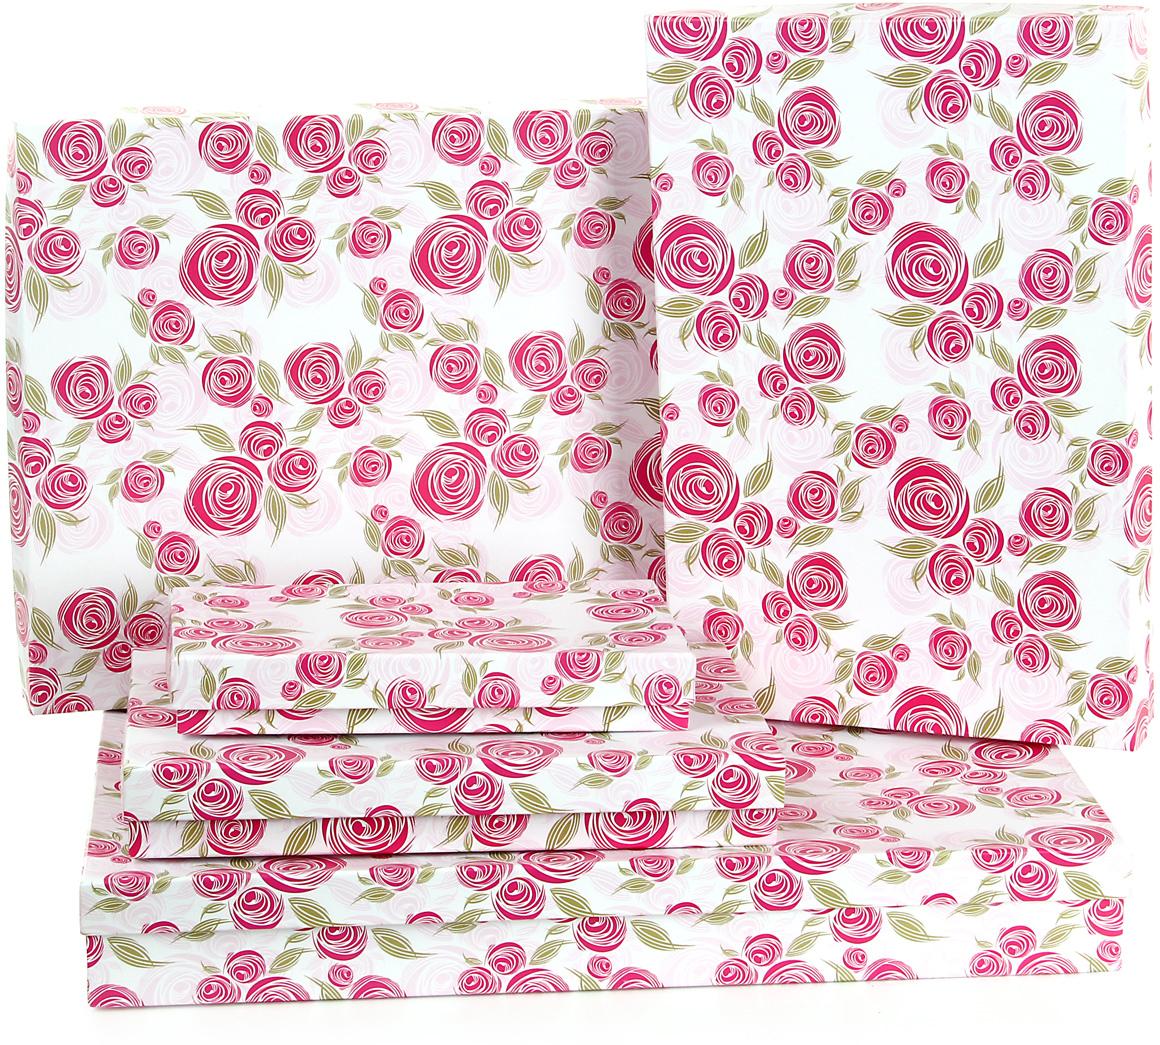 Набор подарочных коробок Veld-Co Розовая графика, 5 шт. 59519 набор подарочных коробок veld co морская тематика прямоугольные 5 шт